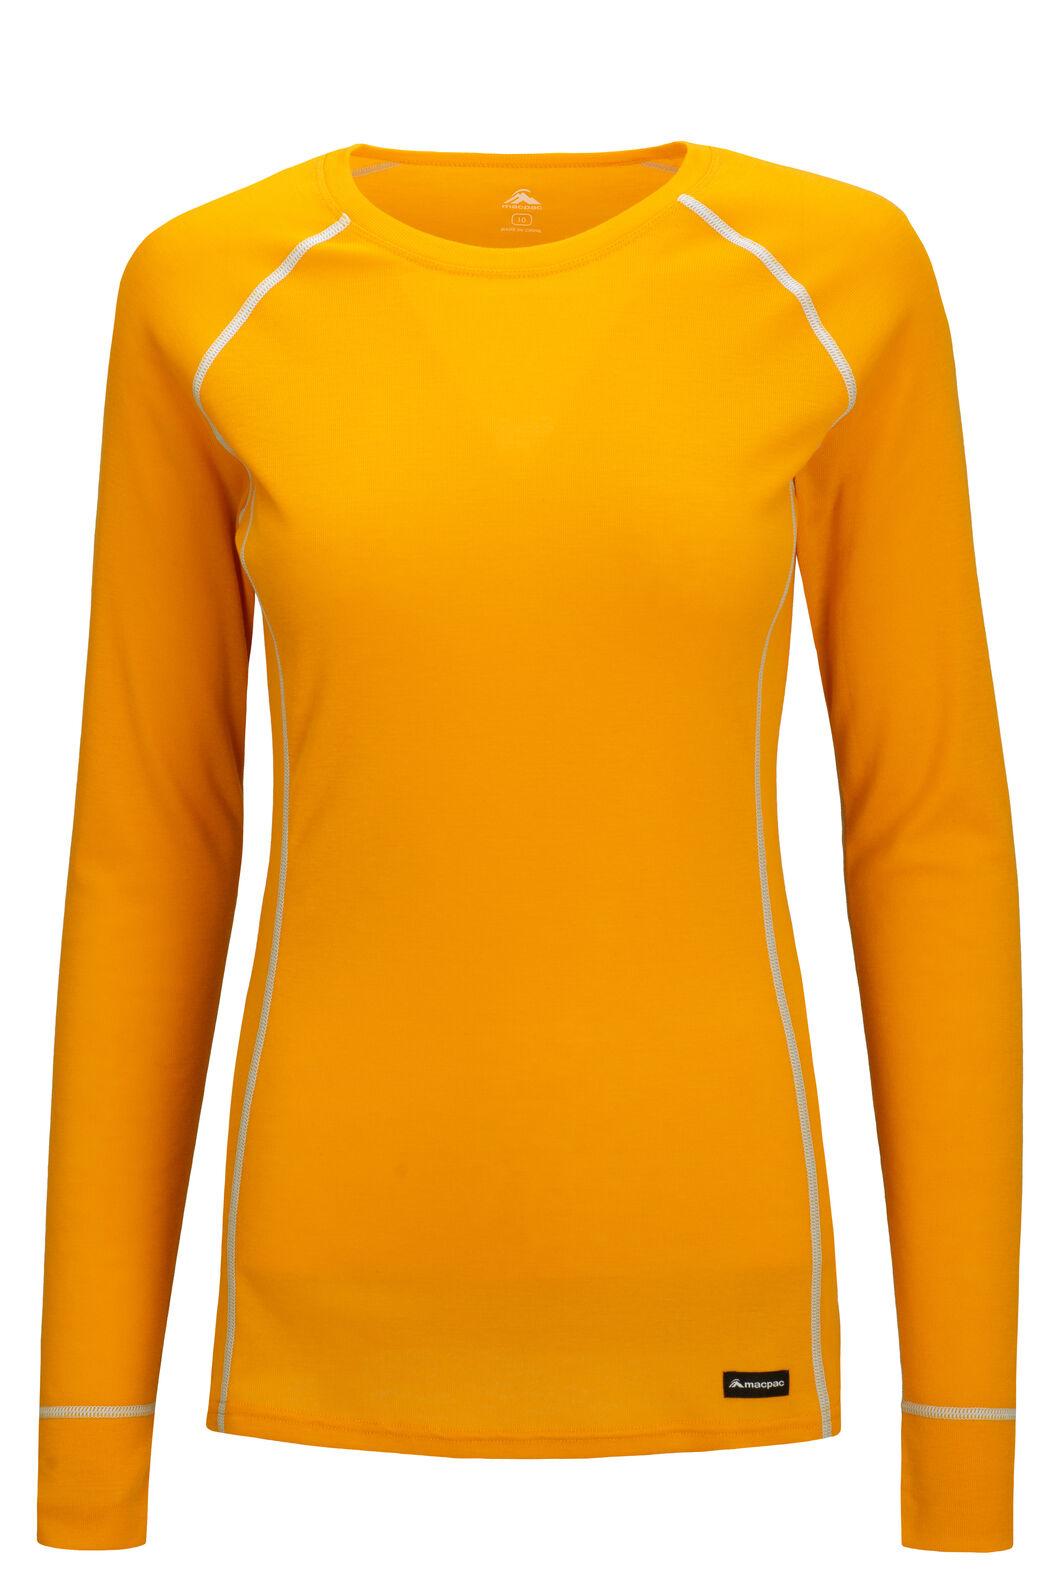 Macpac Geothermal Long Sleeve Top — Women's, Cadmium Yellow, hi-res